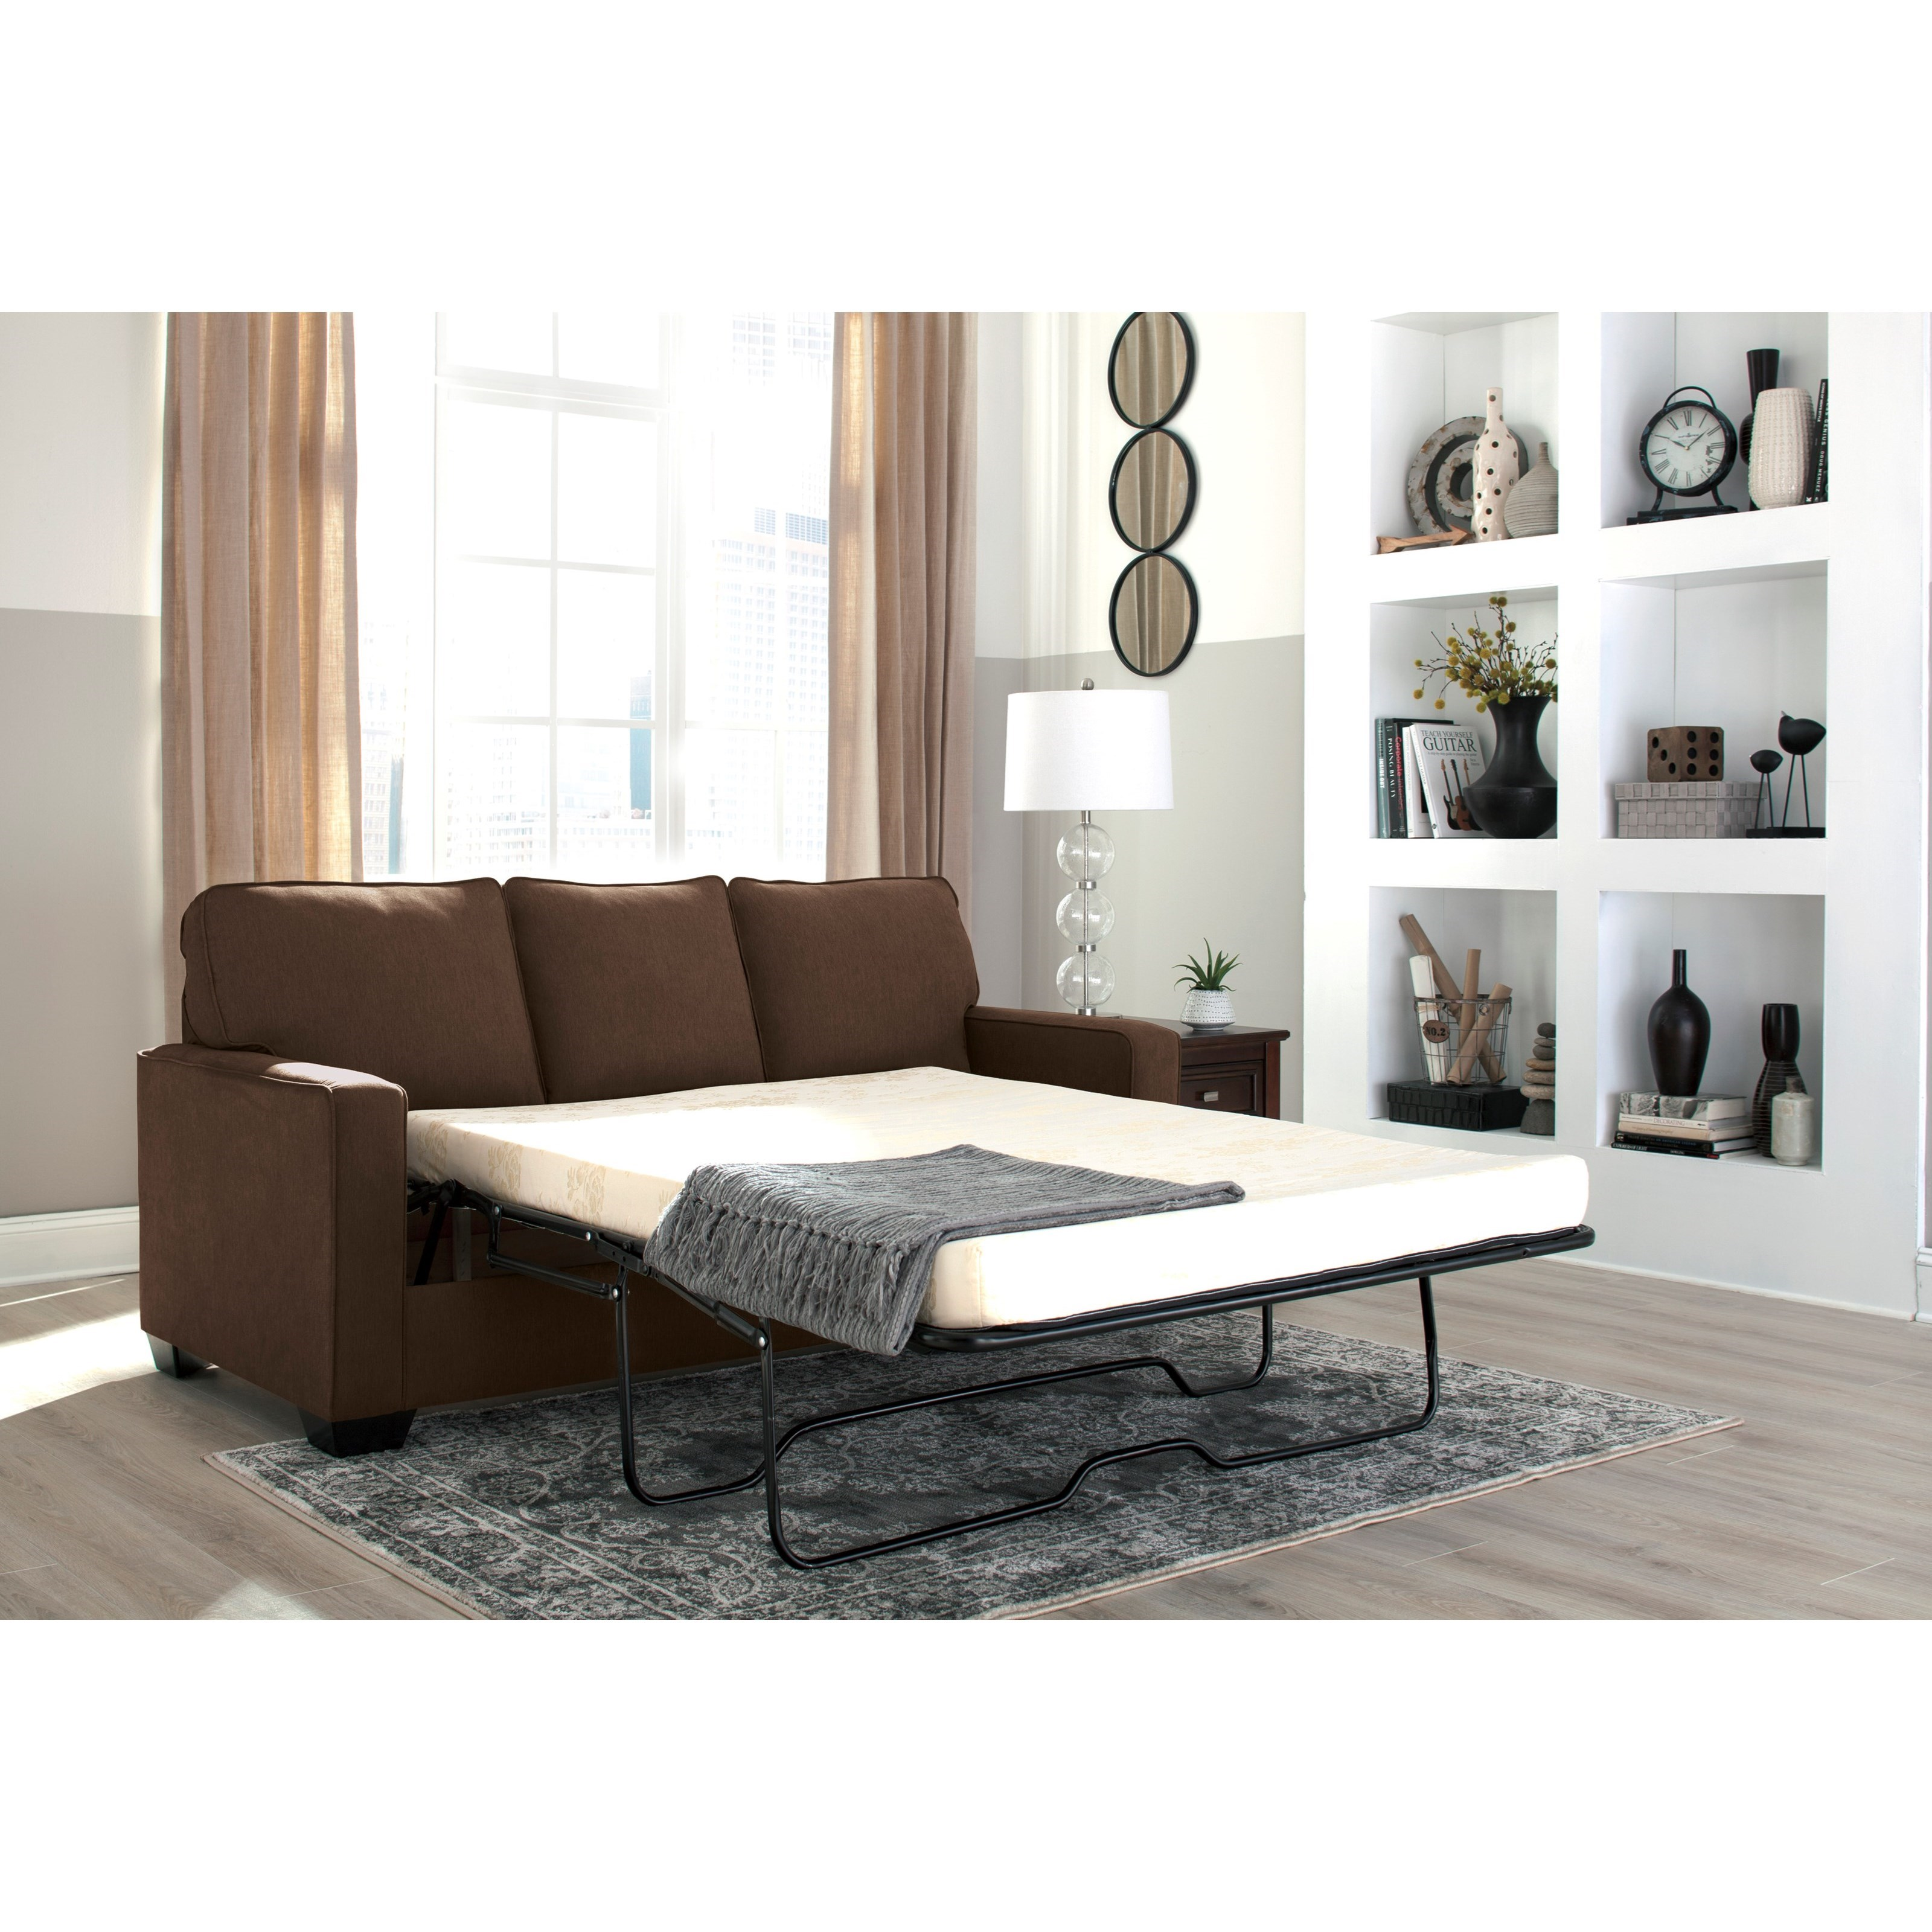 Ashley Signature Design Zeb 3590336 Full Sofa Sleeper With